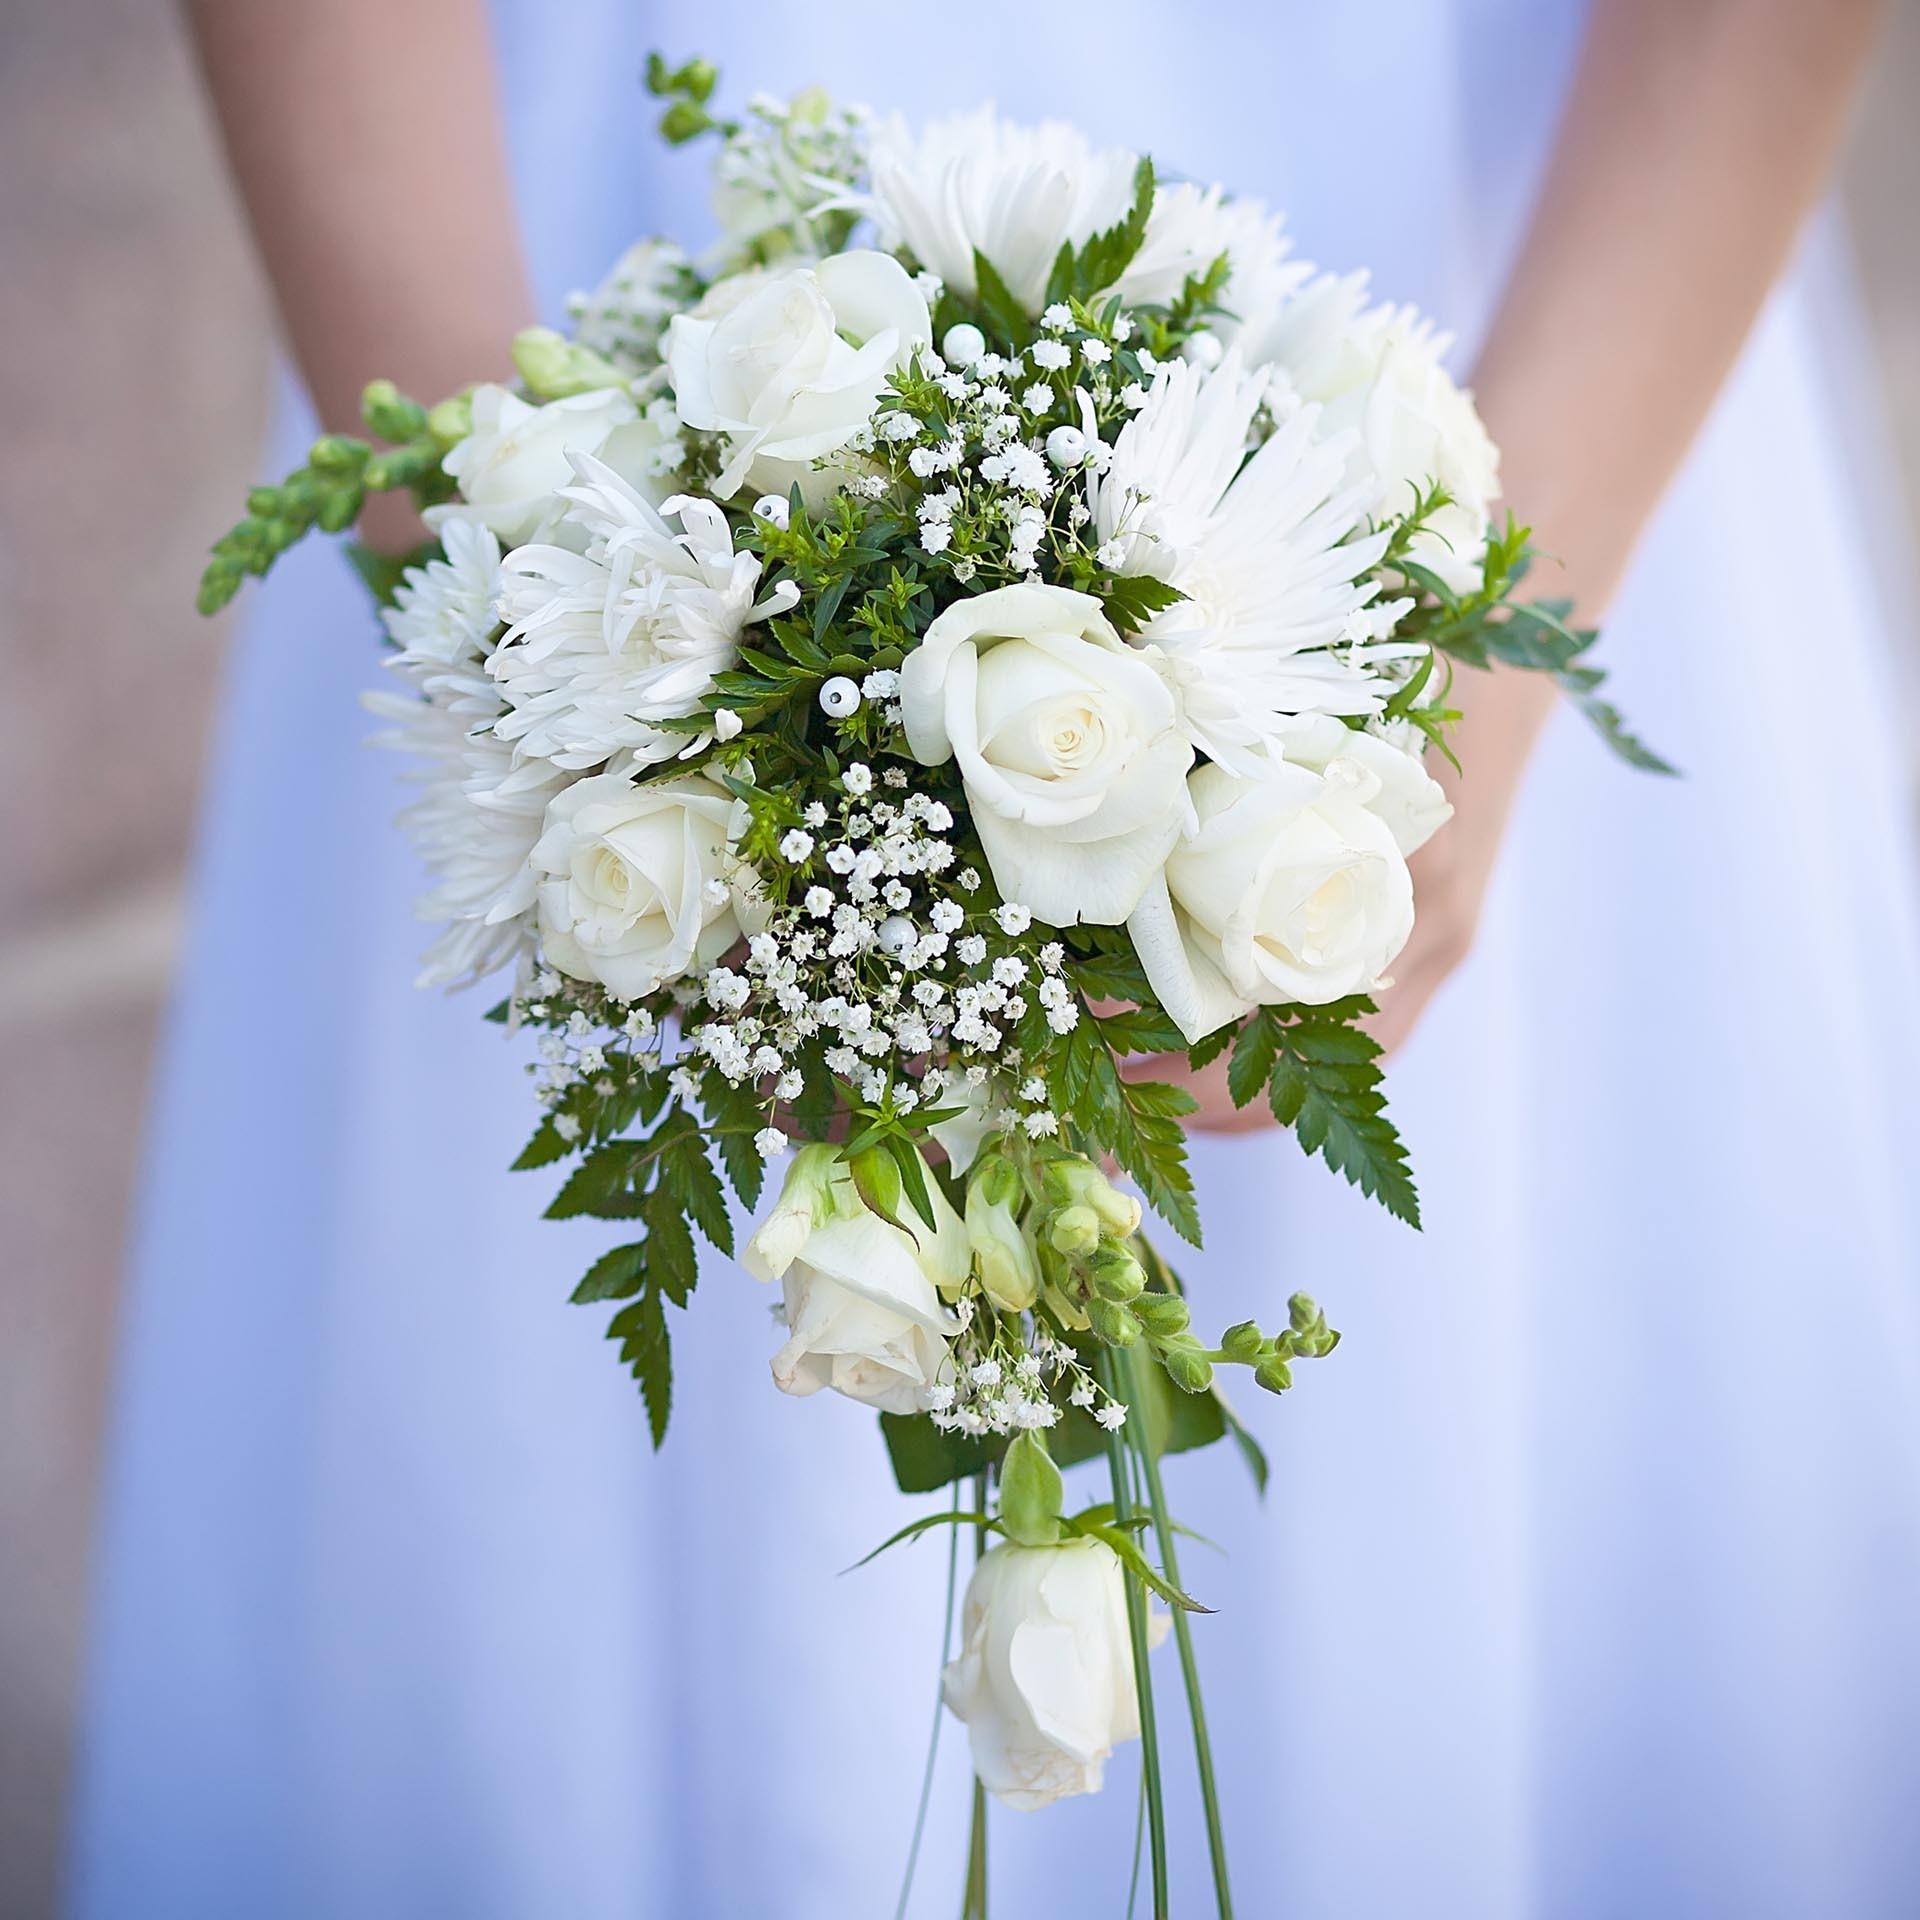 Hochzeitsstrauss In Tropfenform Heiraten Mit Braut De